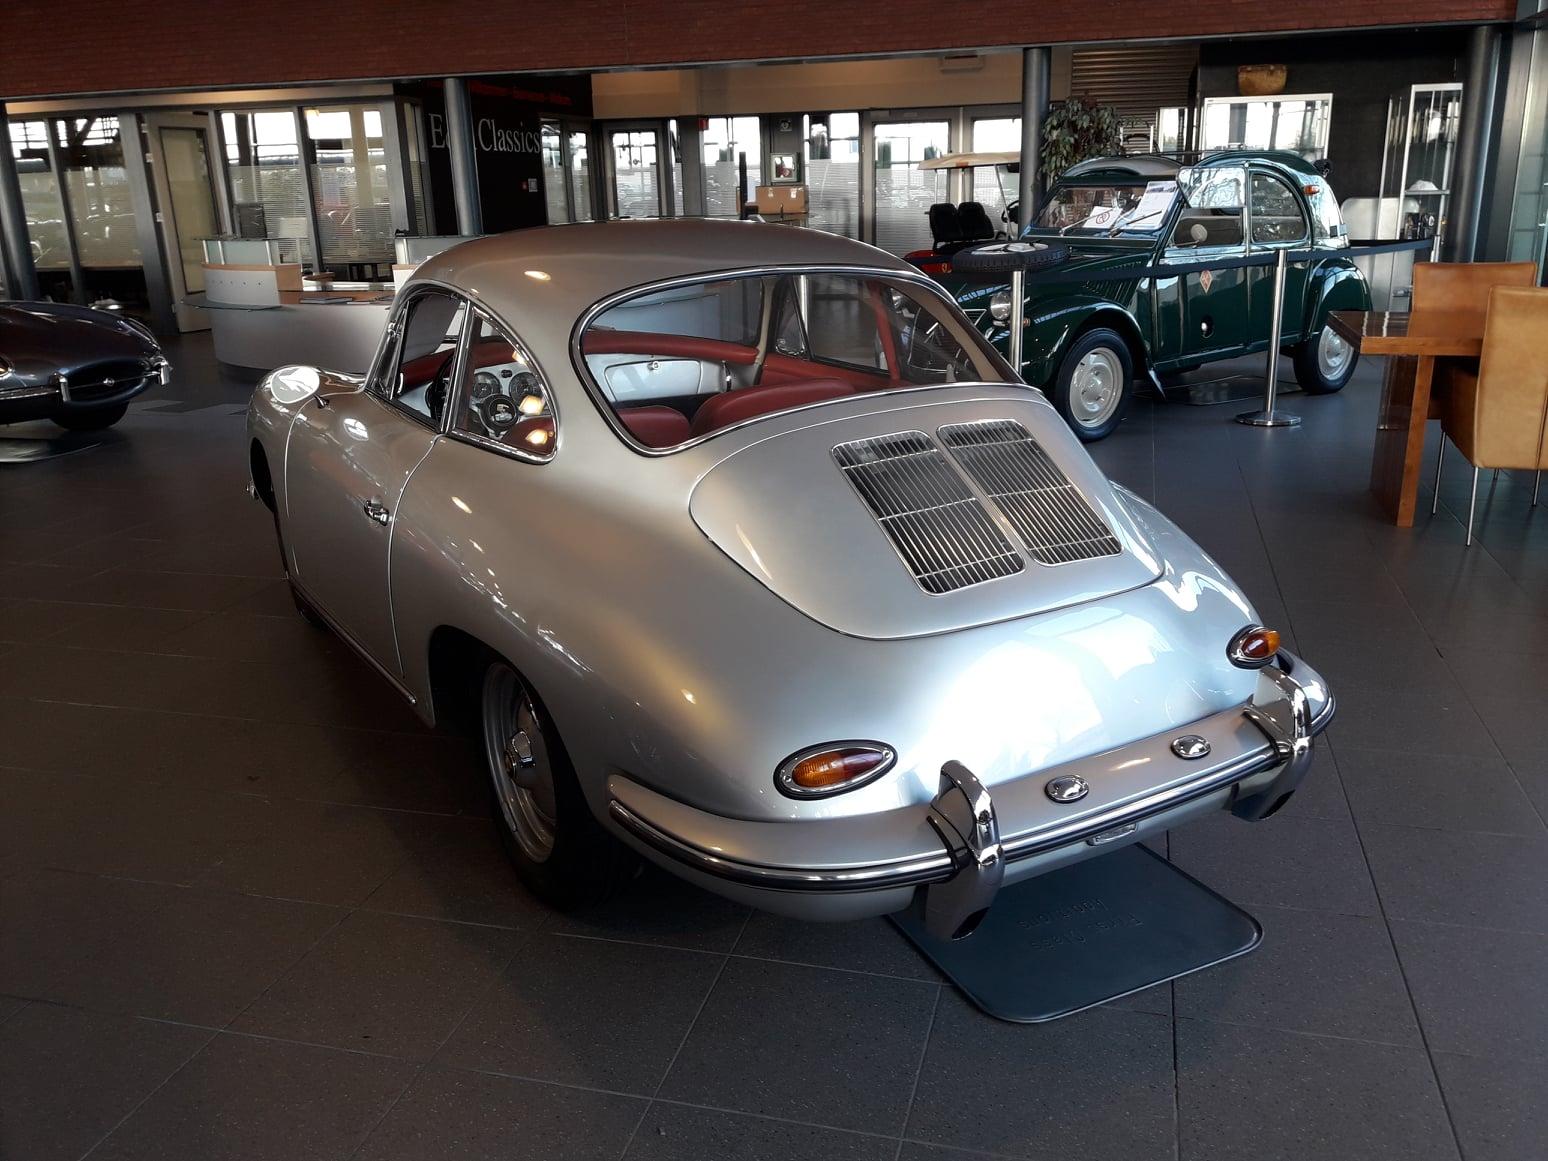 Porsche-356B-T6-Super-90-1963-(2)